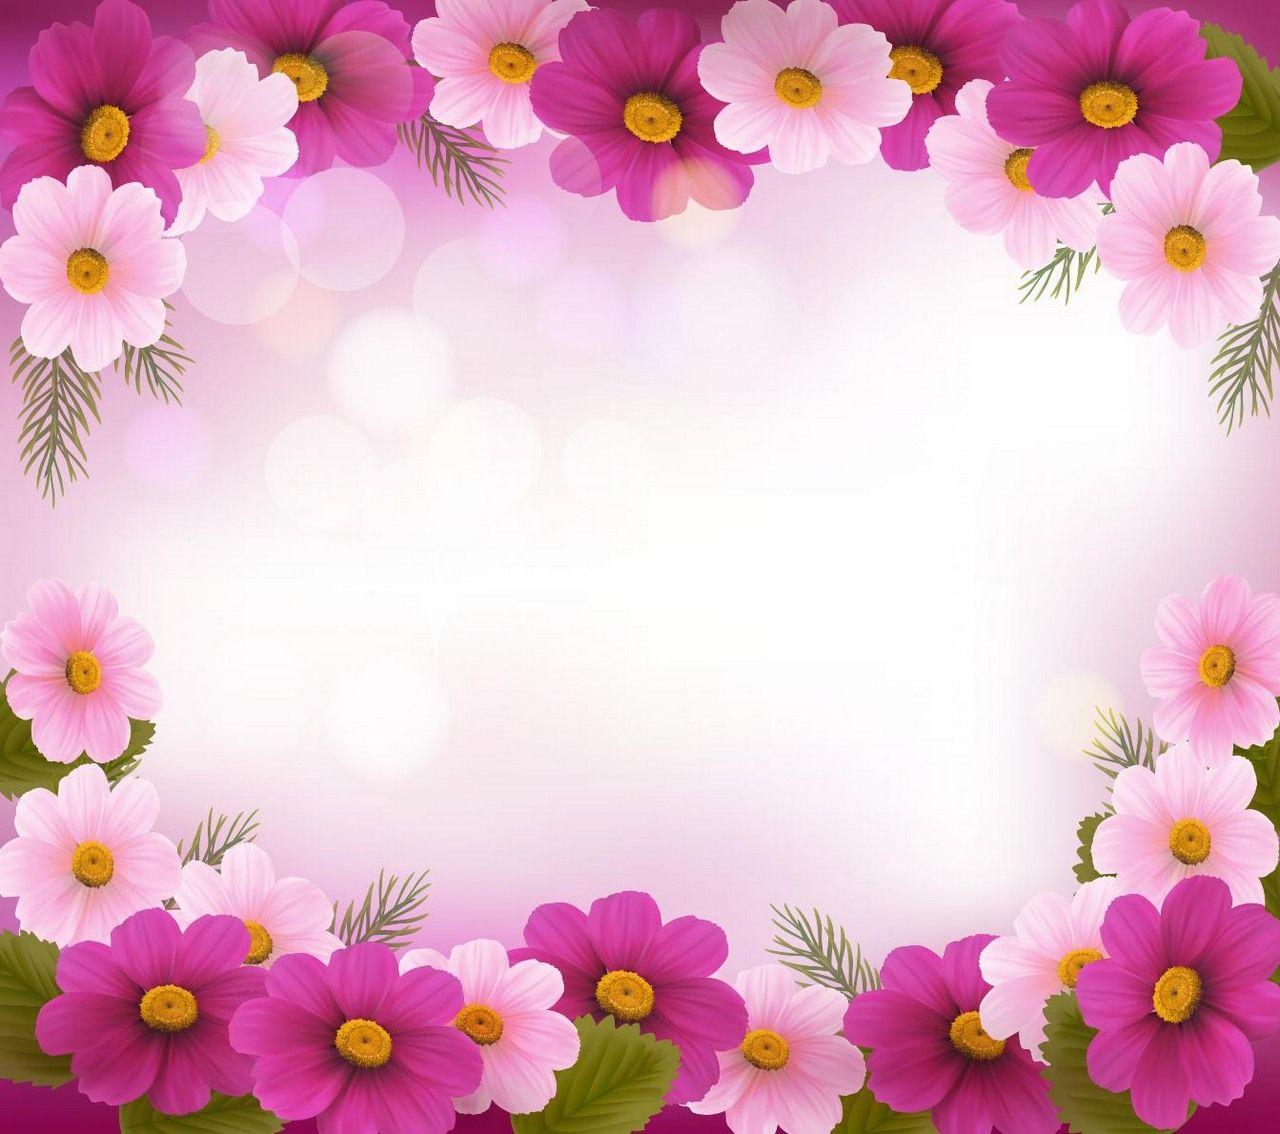 Flower background frame flower plant floral nature